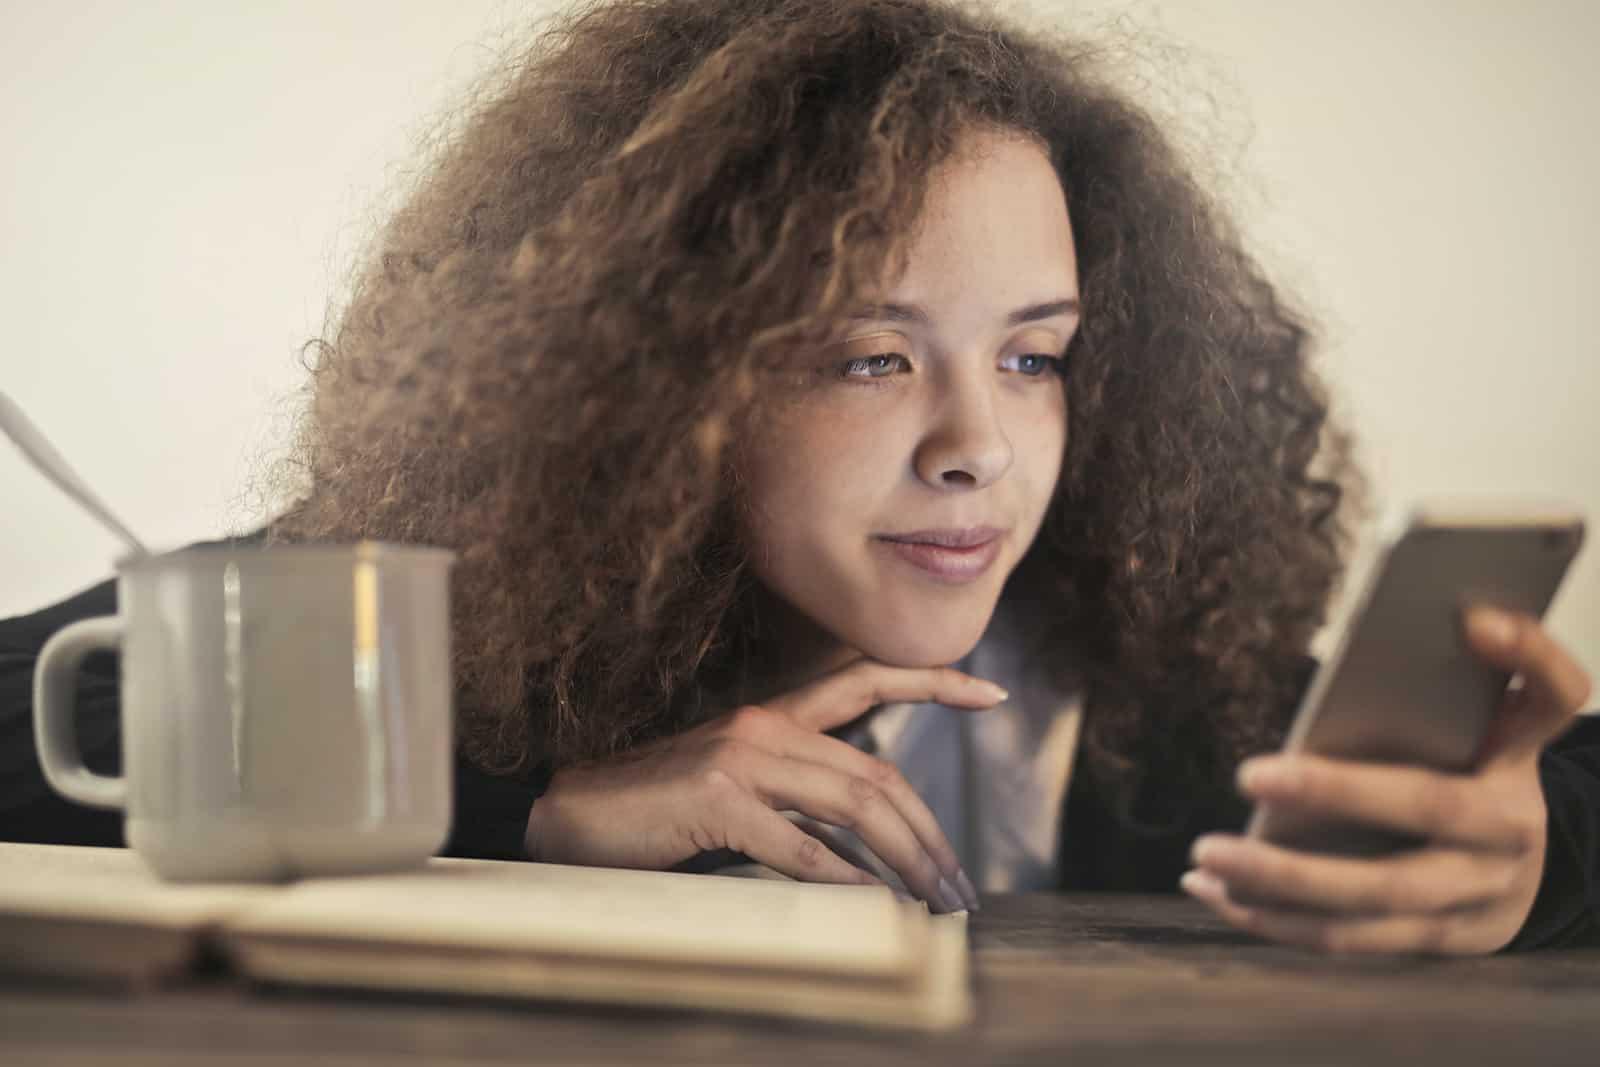 nachdenkliche Frau, die Smartphone beim Anlehnen auf dem Tisch betrachtet